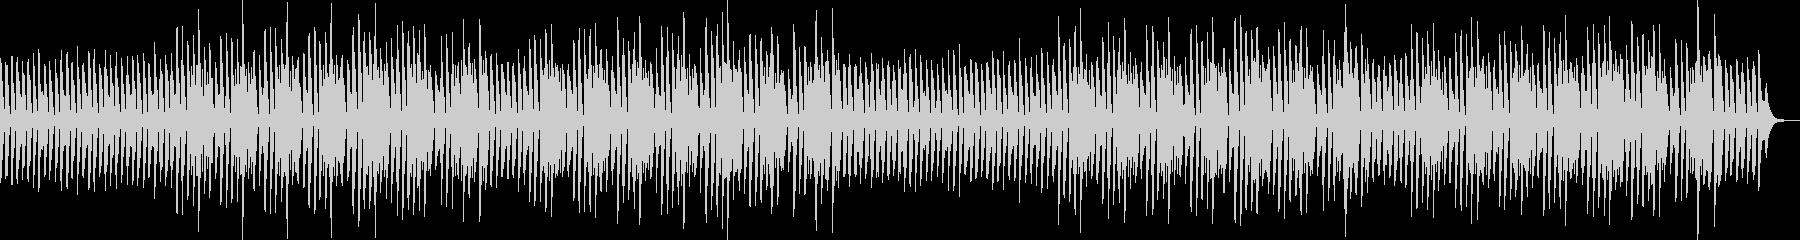 ピアノソロ・楽しい・誕生日・動物の未再生の波形